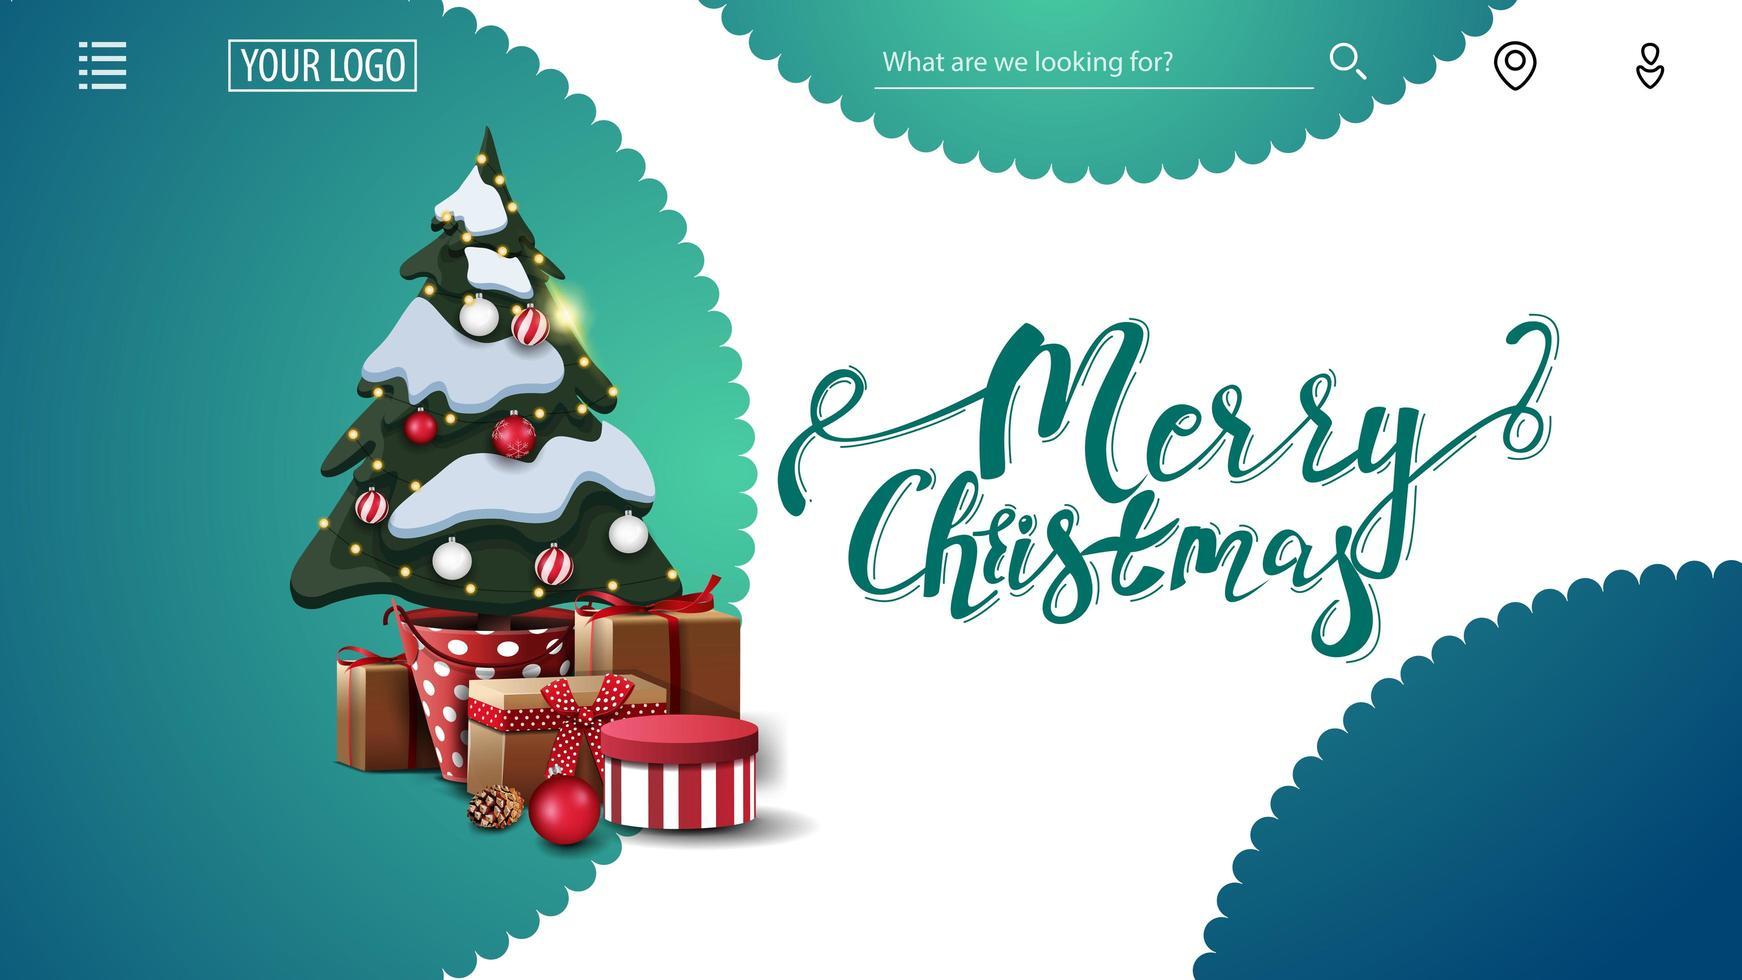 vrolijk kerstfeest, groen en wit wenskaart voor website met decoratieve cirkels en kerstboom in een pot met geschenken vector